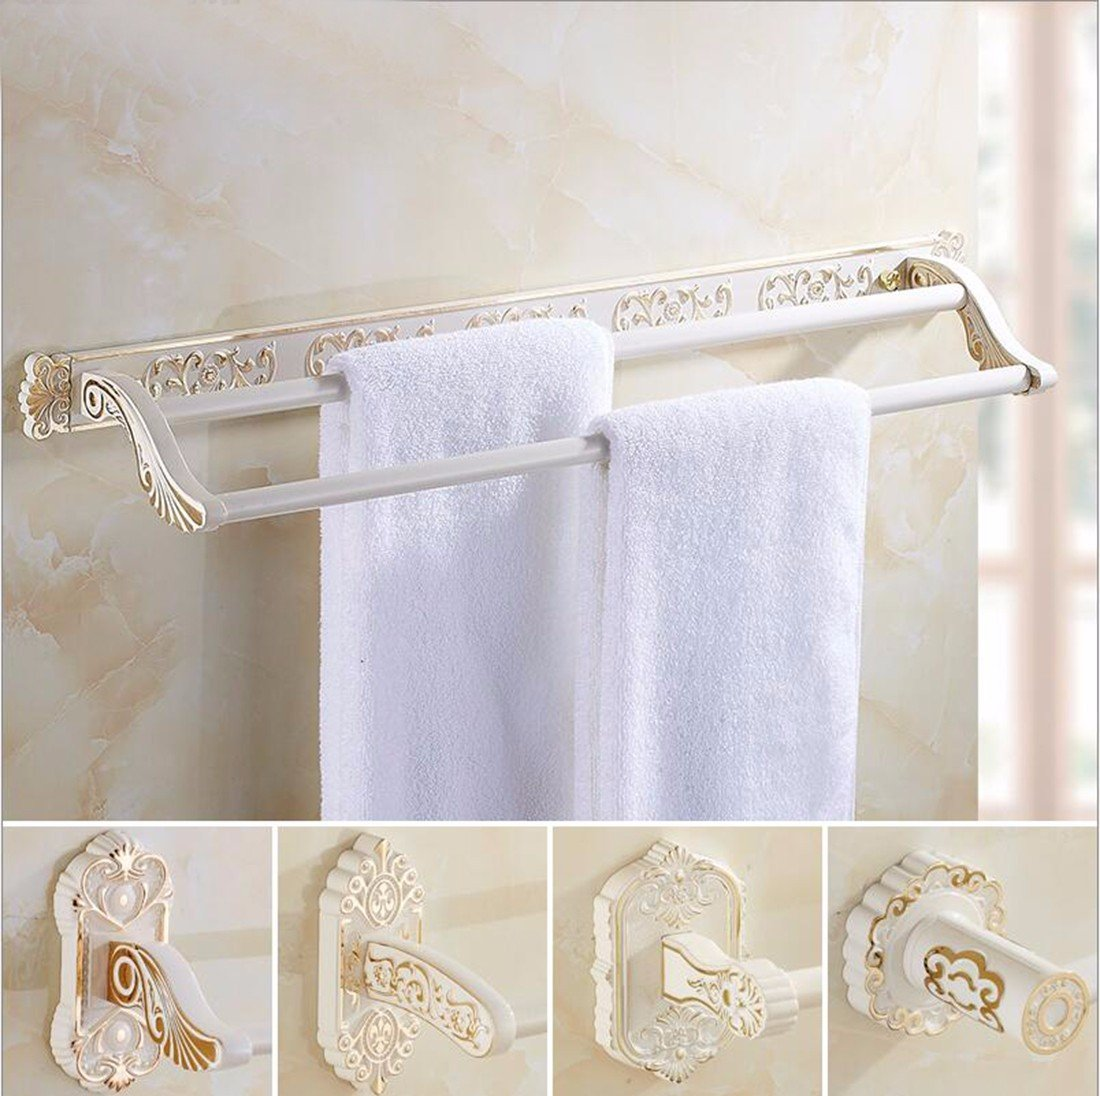 Sursy Gold Plus de estilo europeo blanco horneado, pintura pintura blanca con doble barra, toallas de baño, toallas de baño, rack, hardware,un colgante: ...